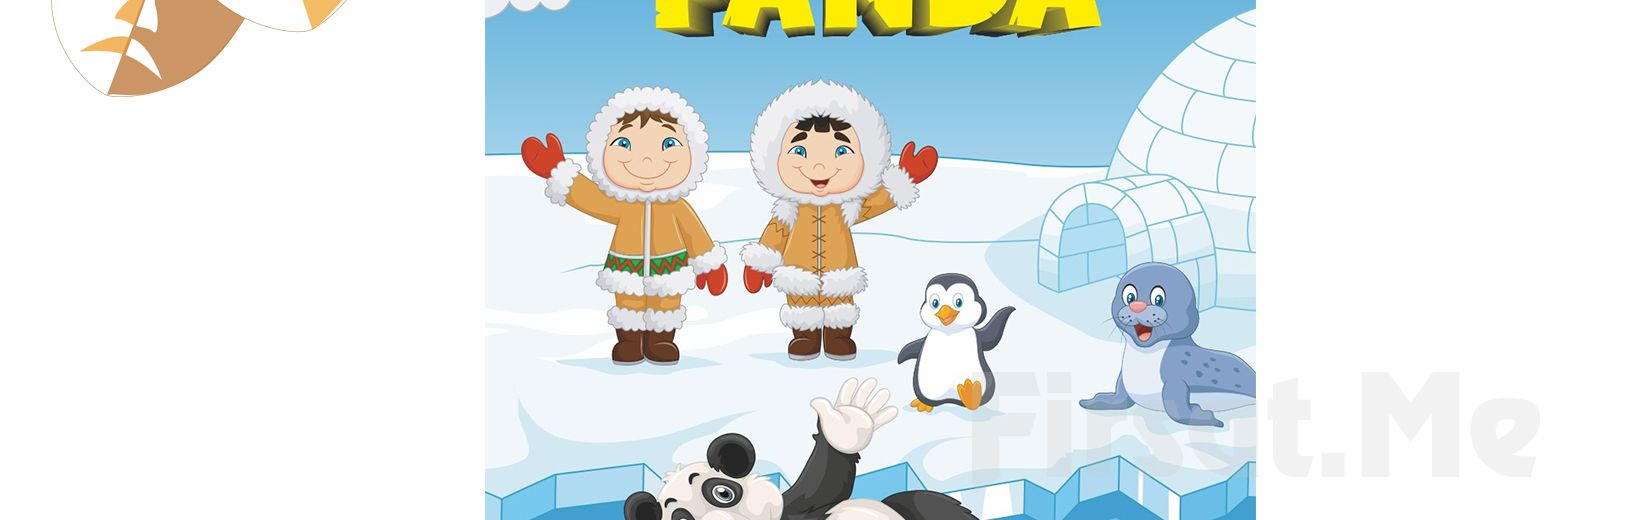 1001 Sanat'tan 'Sevimli Panda' Tiyatro Oyun Bileti